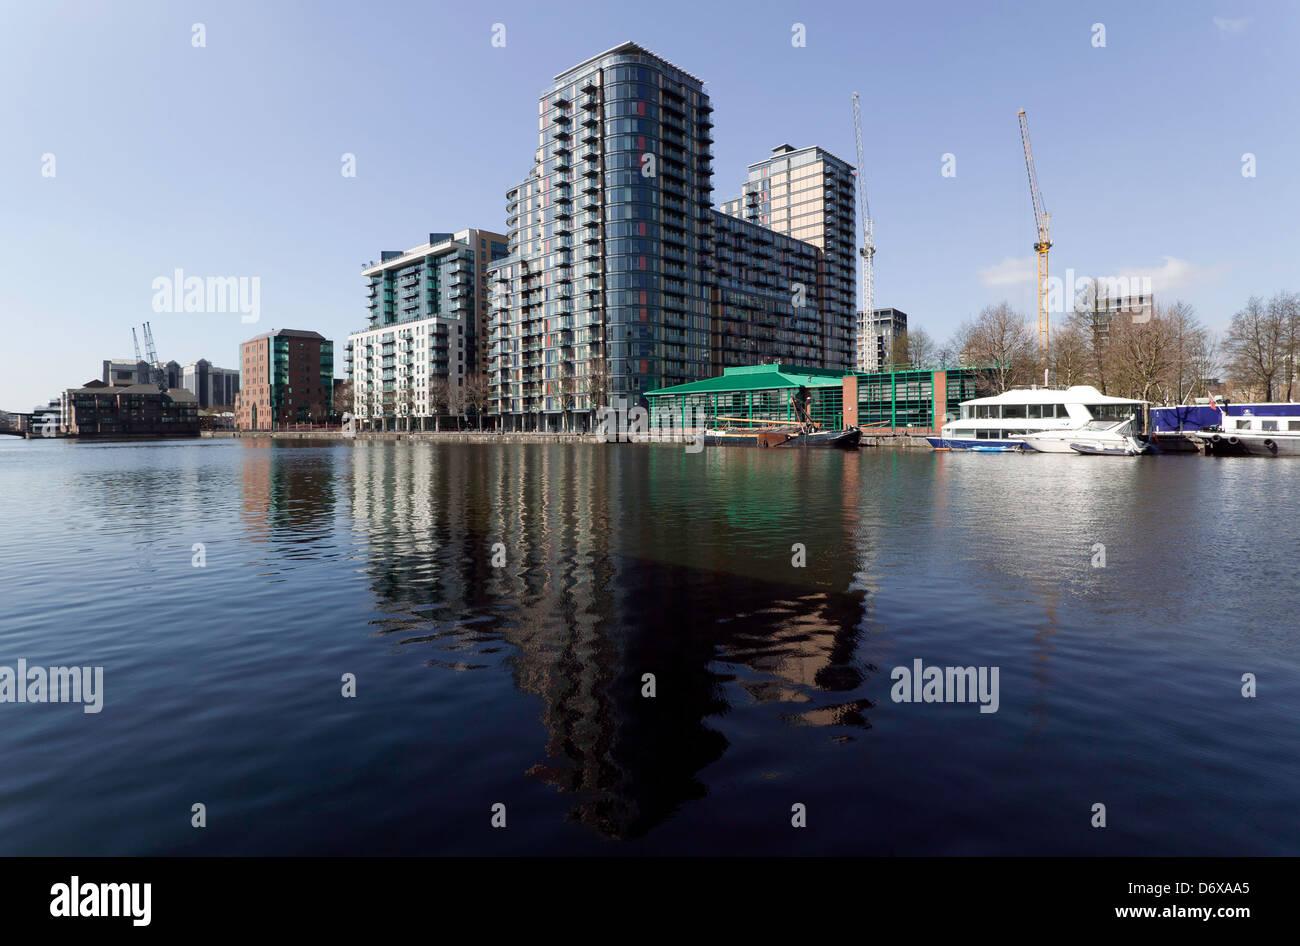 Capacidad Lugar, Millwall Inner dock, Millwall, Isle of Dogs, Londres. Imagen De Stock